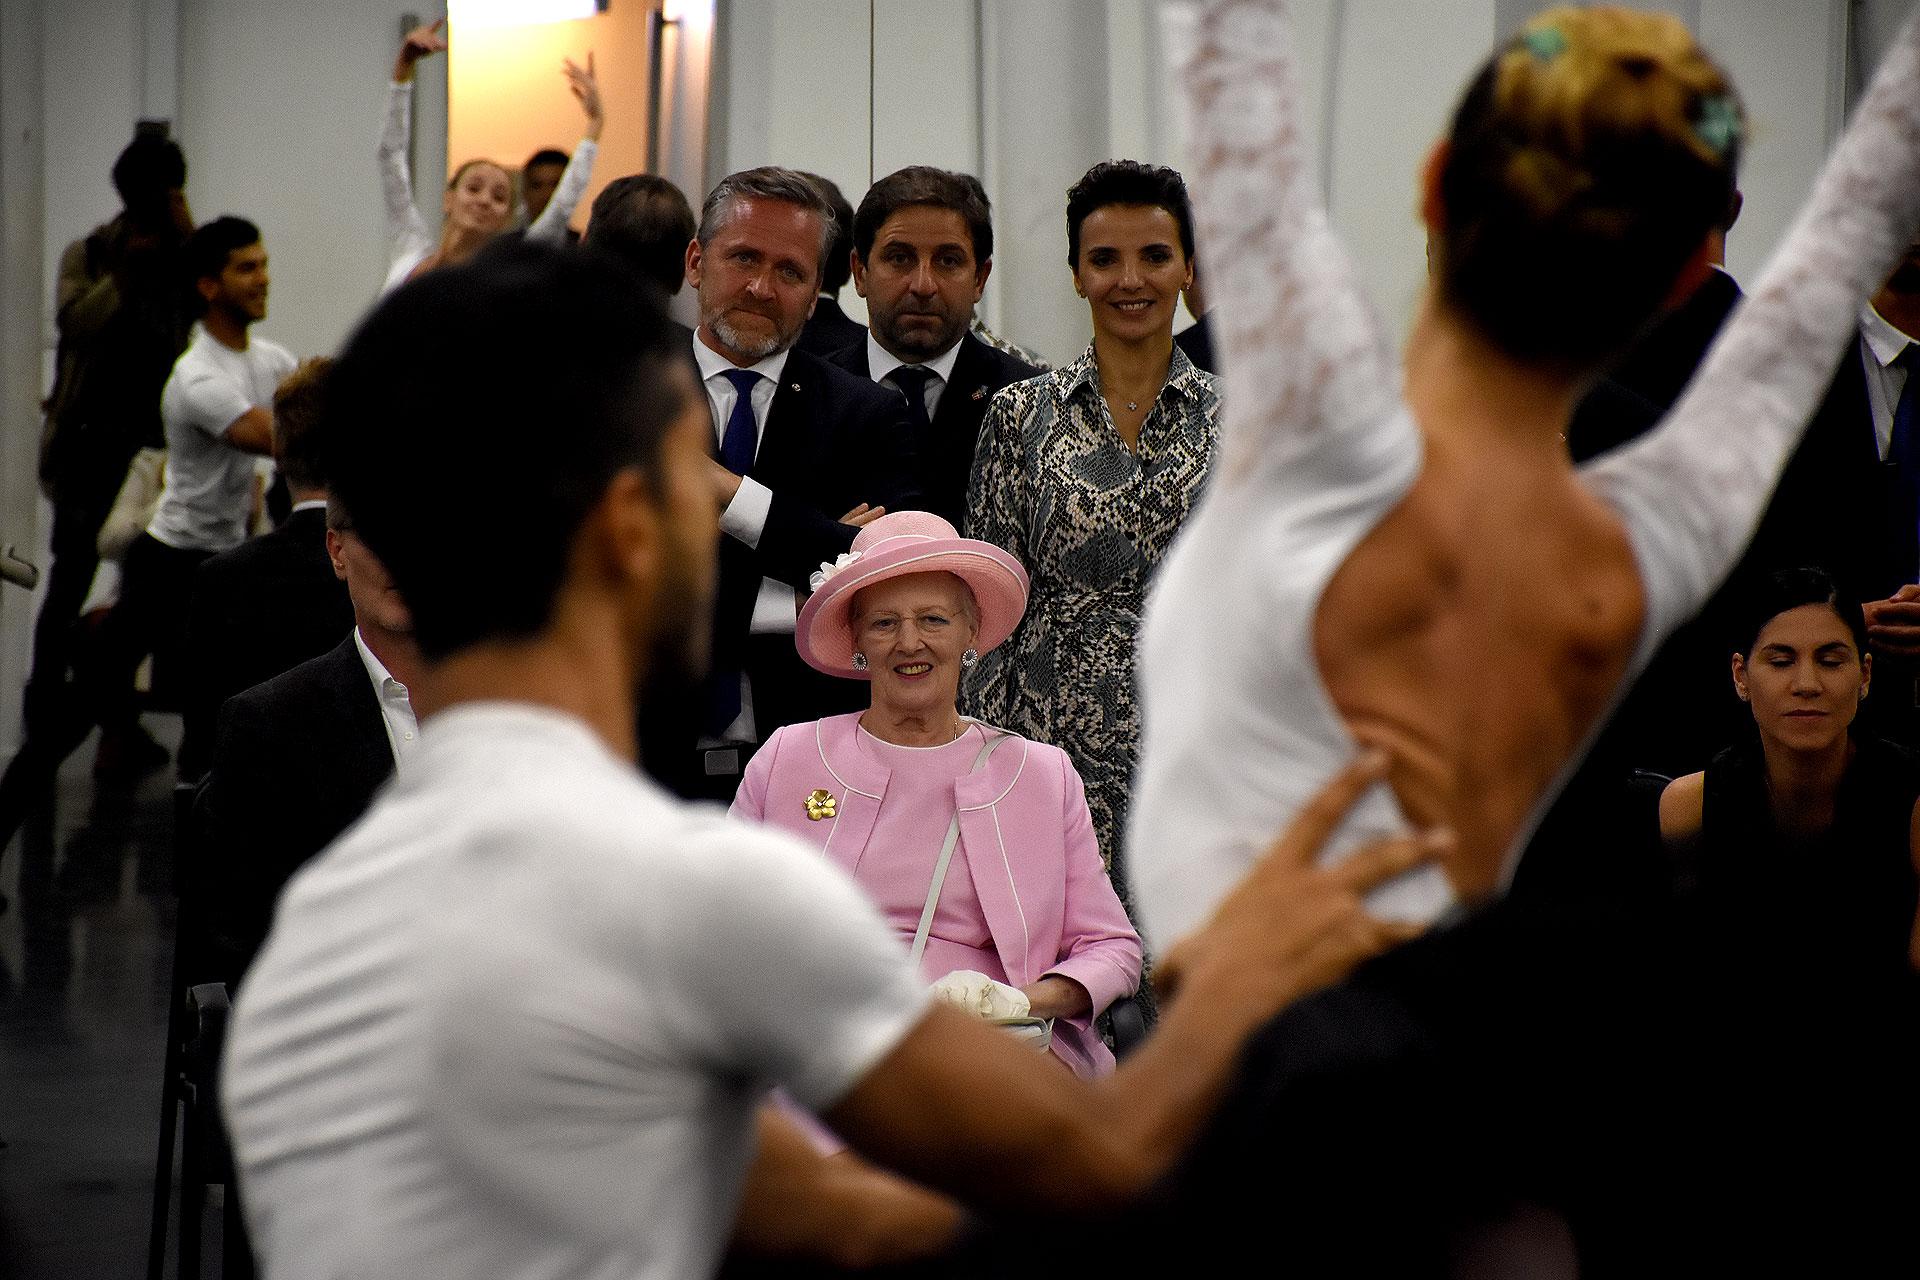 La mirada atenta a Jivo Velázquez y Camila Bocca, primeros bailarines